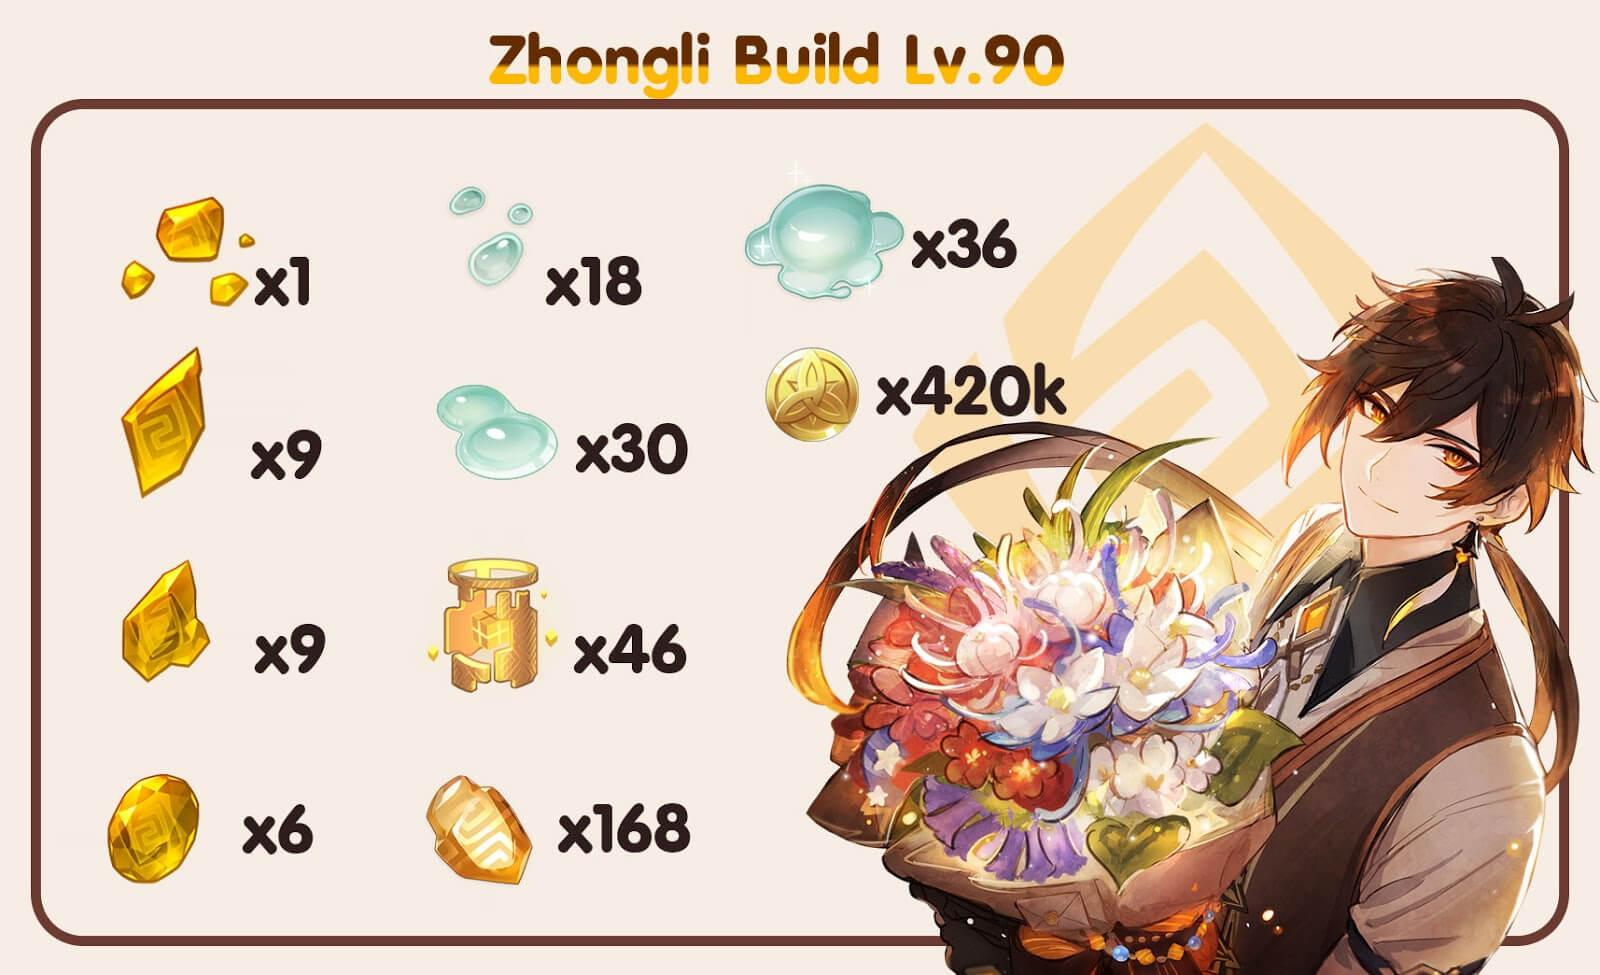 Zhongli Genshin Impact Lv.90